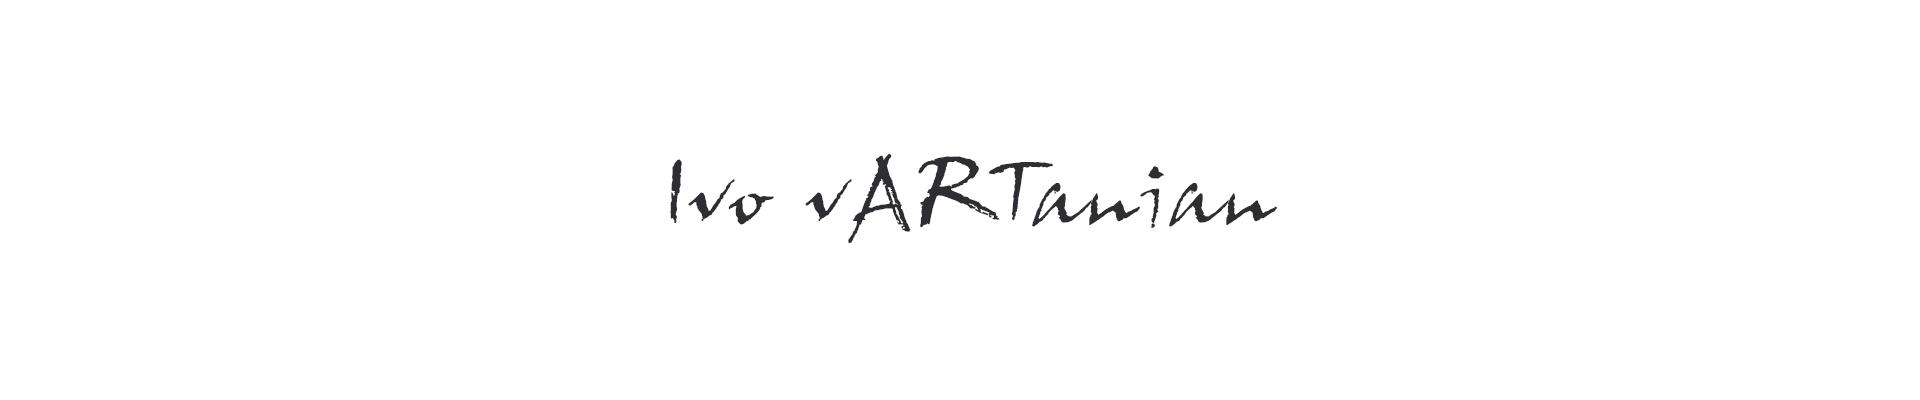 Иво Вартанян logo